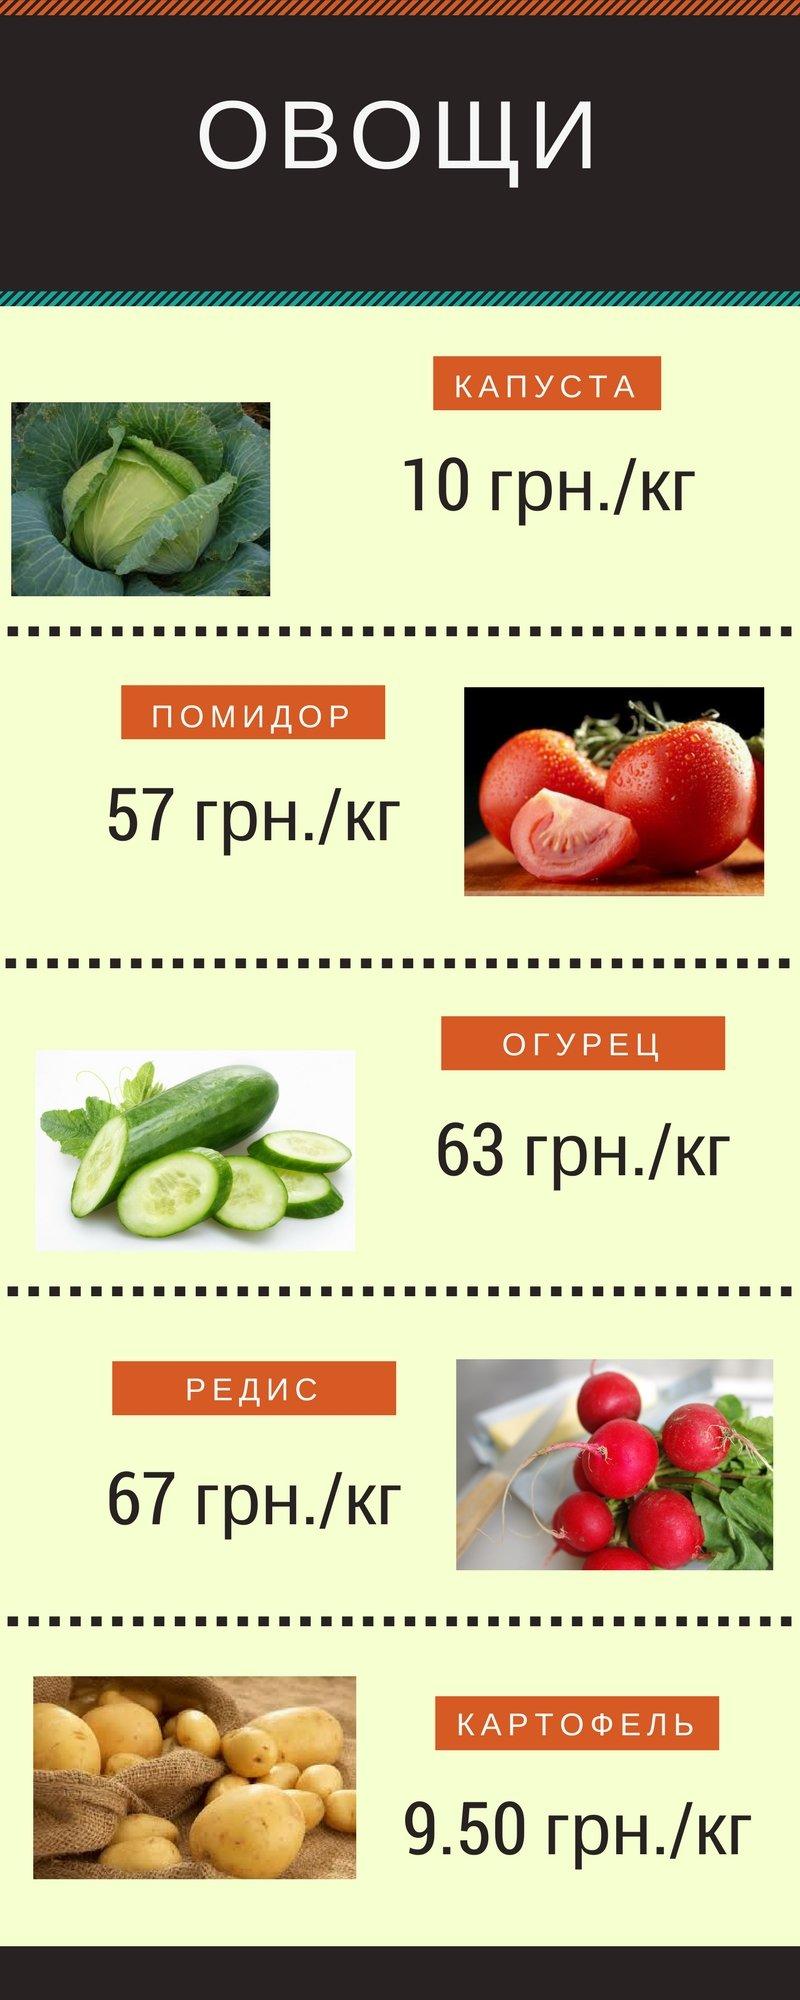 Пасхальная корзина 2018: во сколько николаевцам обойдется стандартный набор продуктов на Пасху, - ИНФОГРАФИКА, фото-1